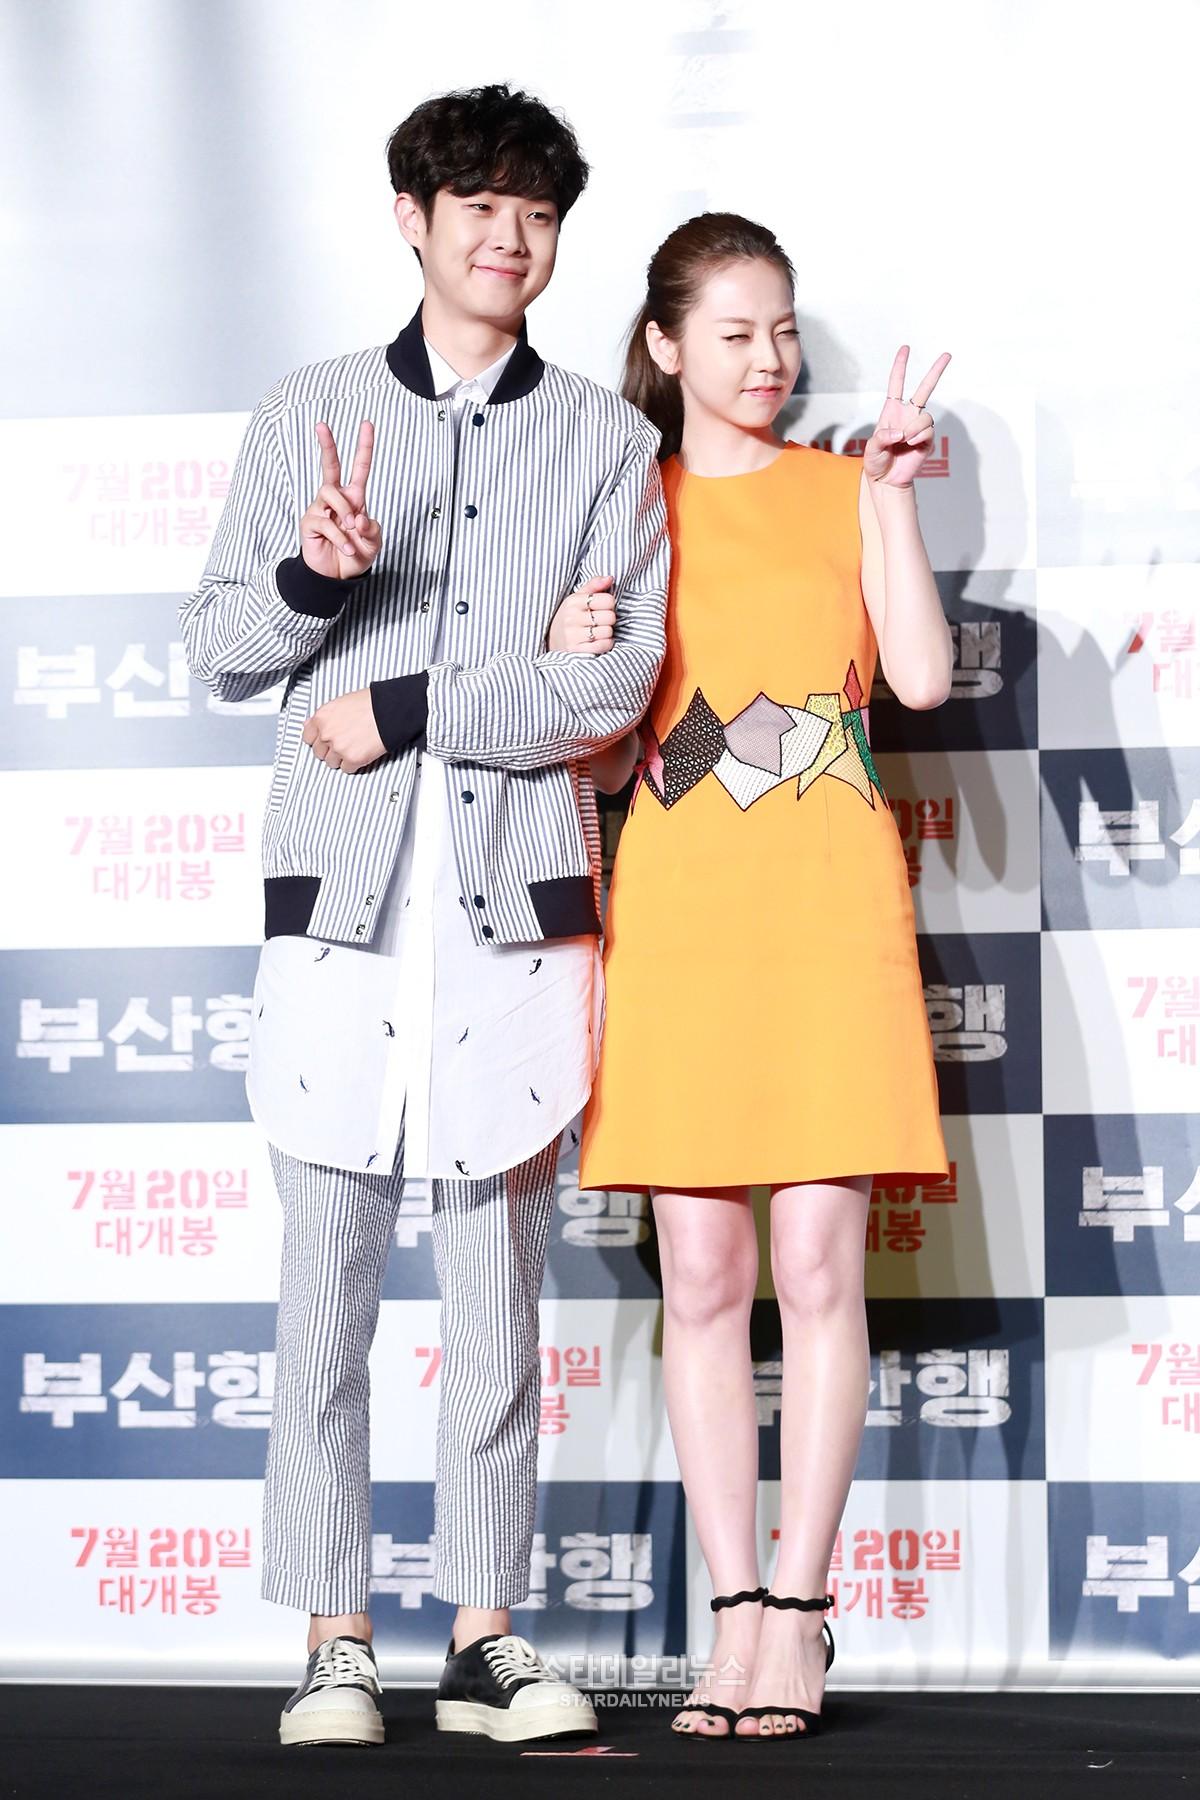 Ahn so hee y chul dating 2